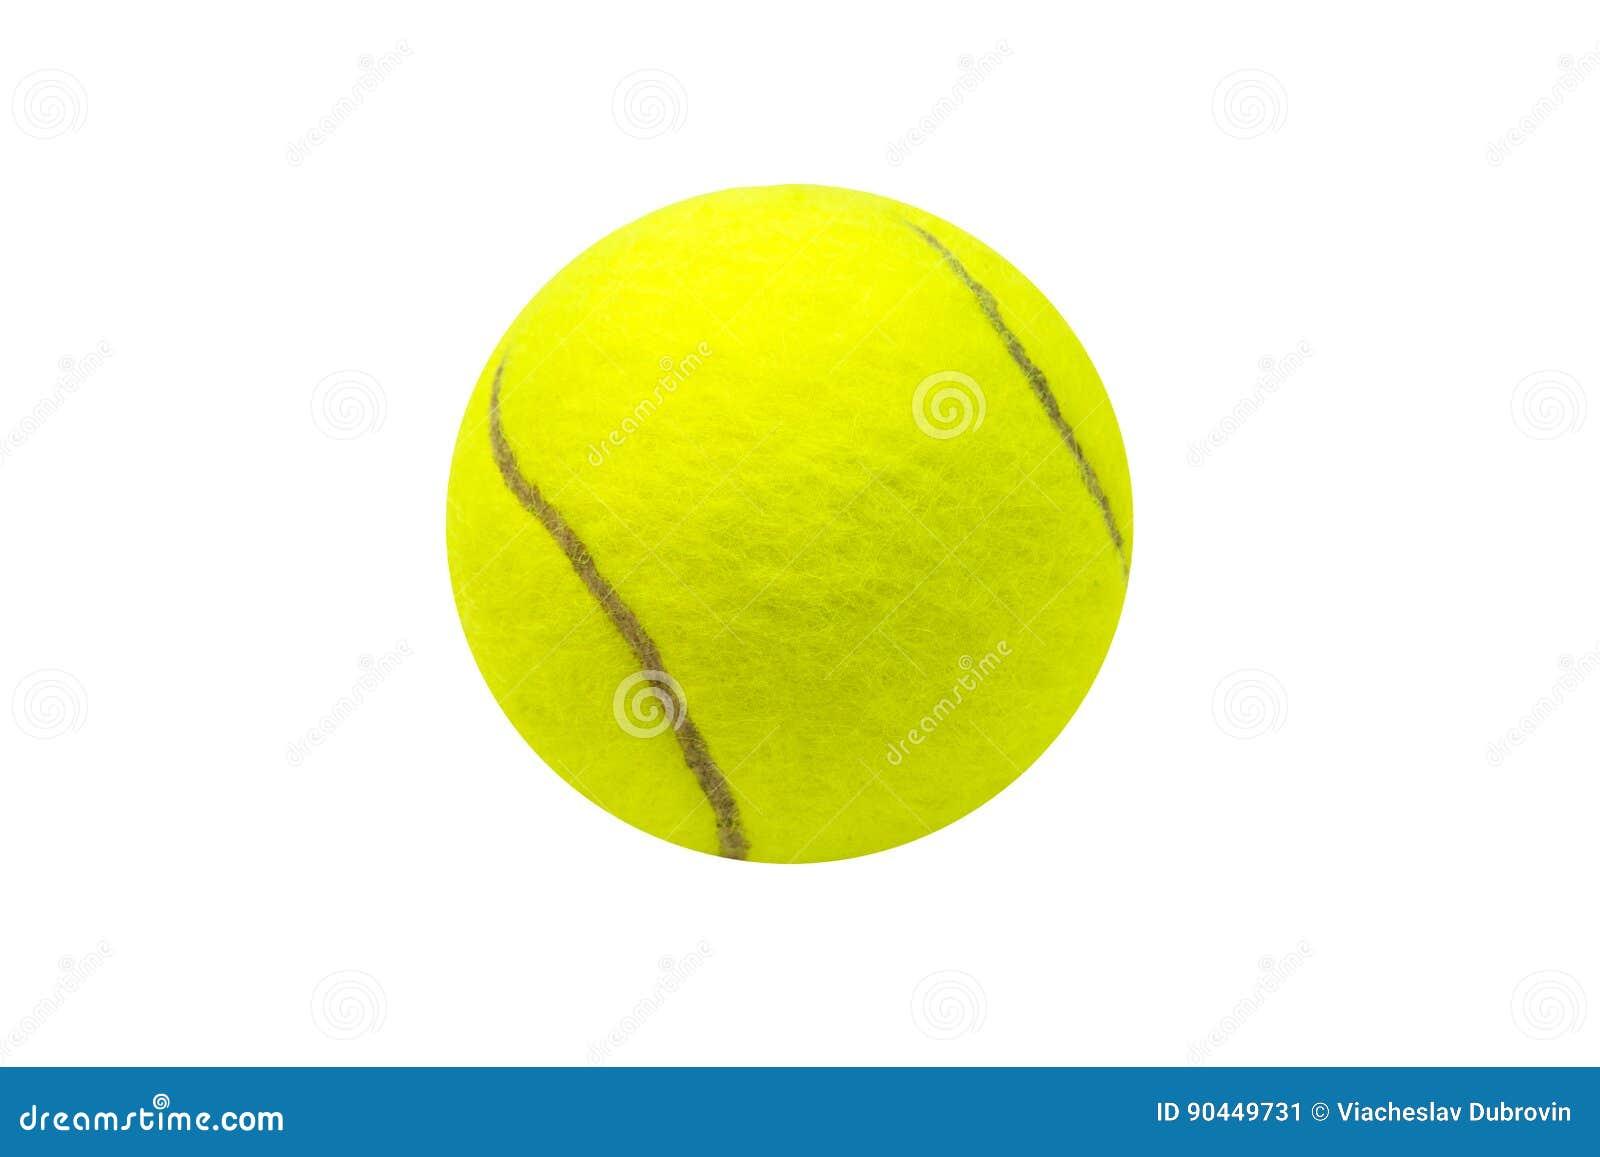 Pelota De Tenis En El Fondo Blanco Aislada Bola Del Tennis Fieltro Amarillo